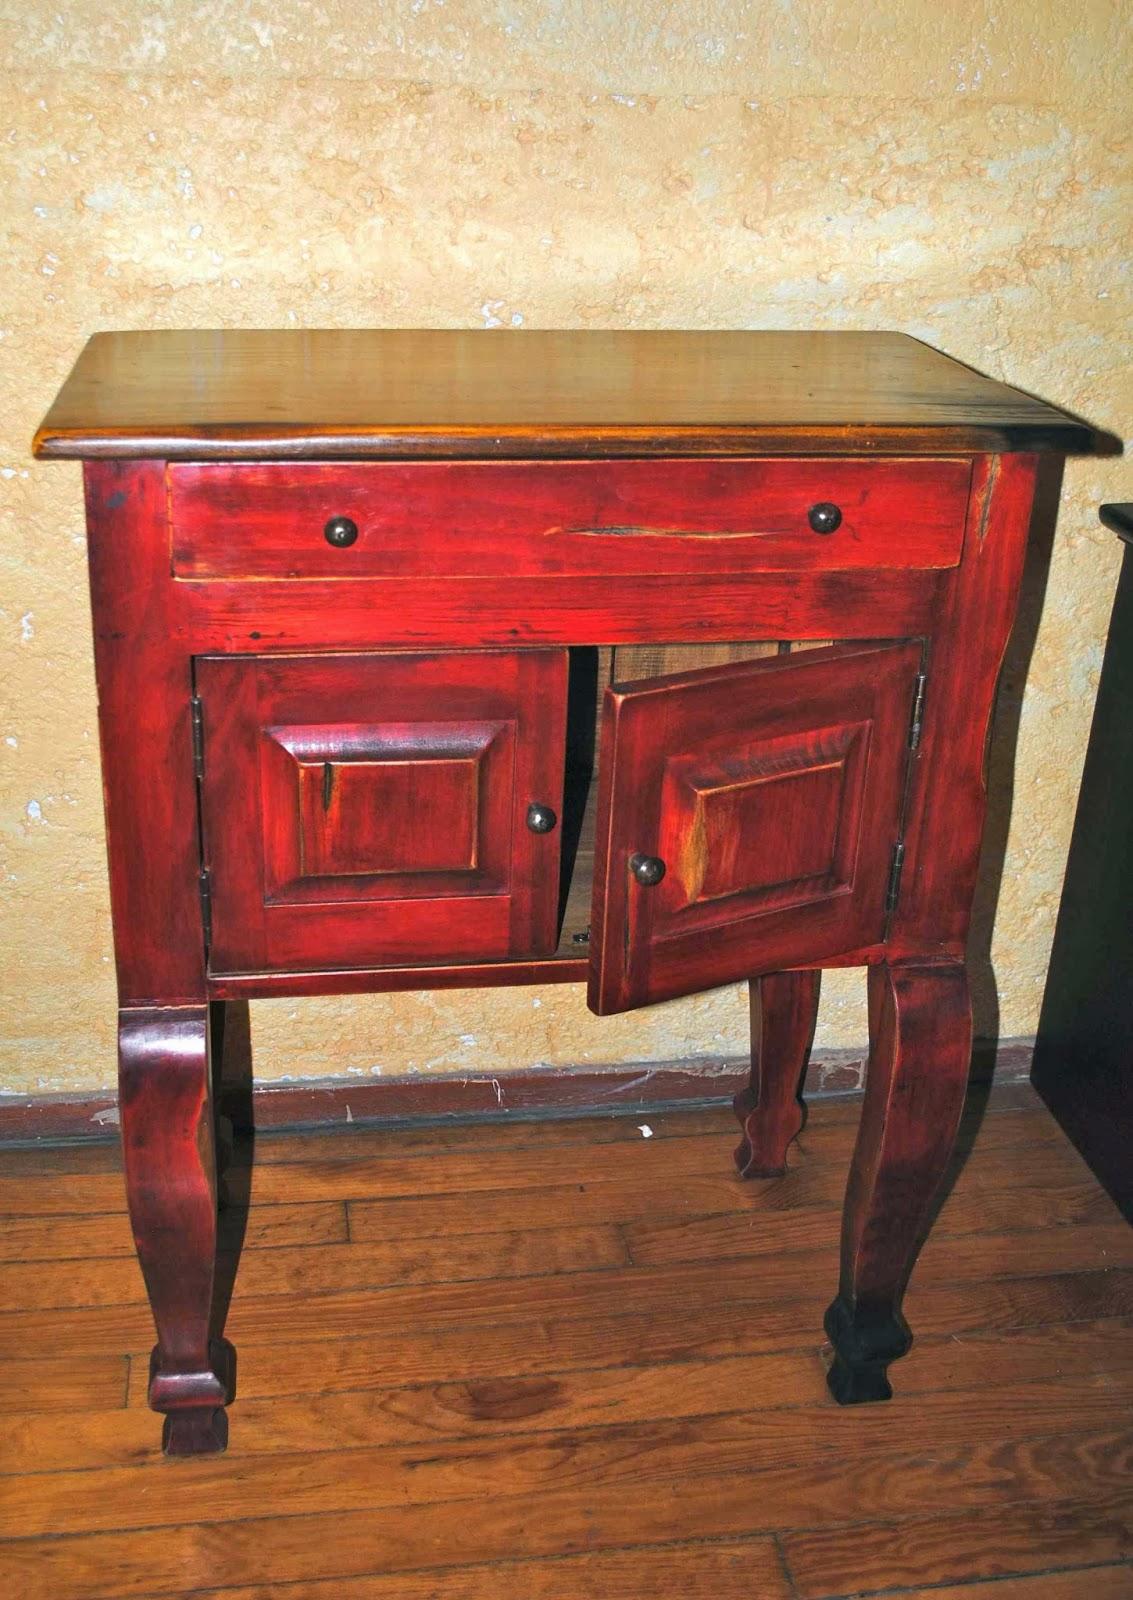 Increíble Muebles Retro Vintage Colección De Muebles Decoración